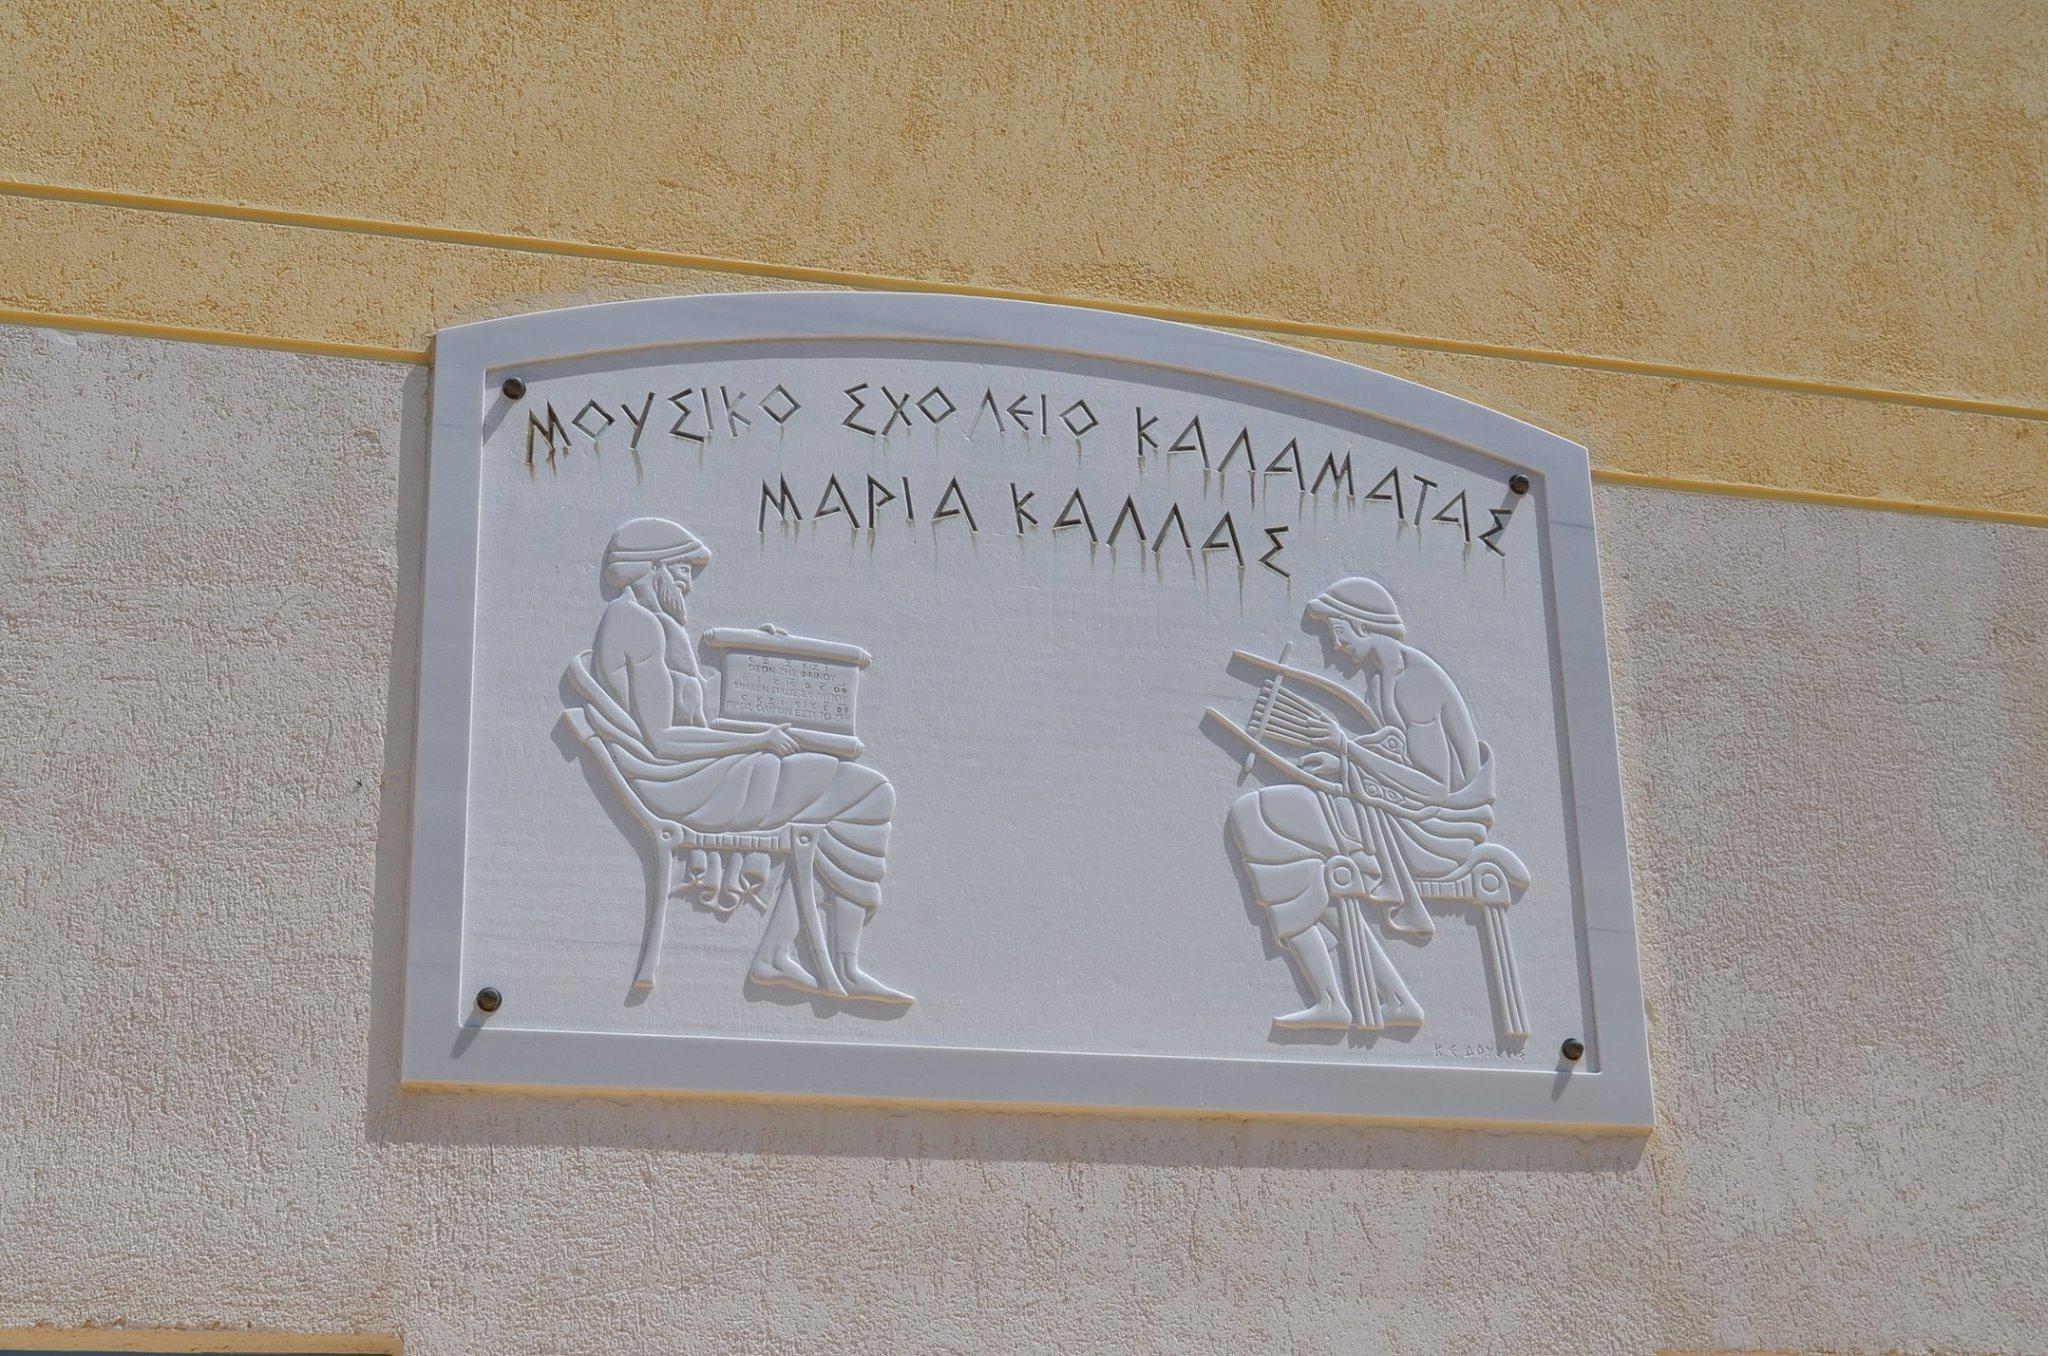 """Μουσικό Σχολείο Καλαμάτας: """"Τα χαΐρια μας εδώ"""" την Τετάρτη 28/4"""